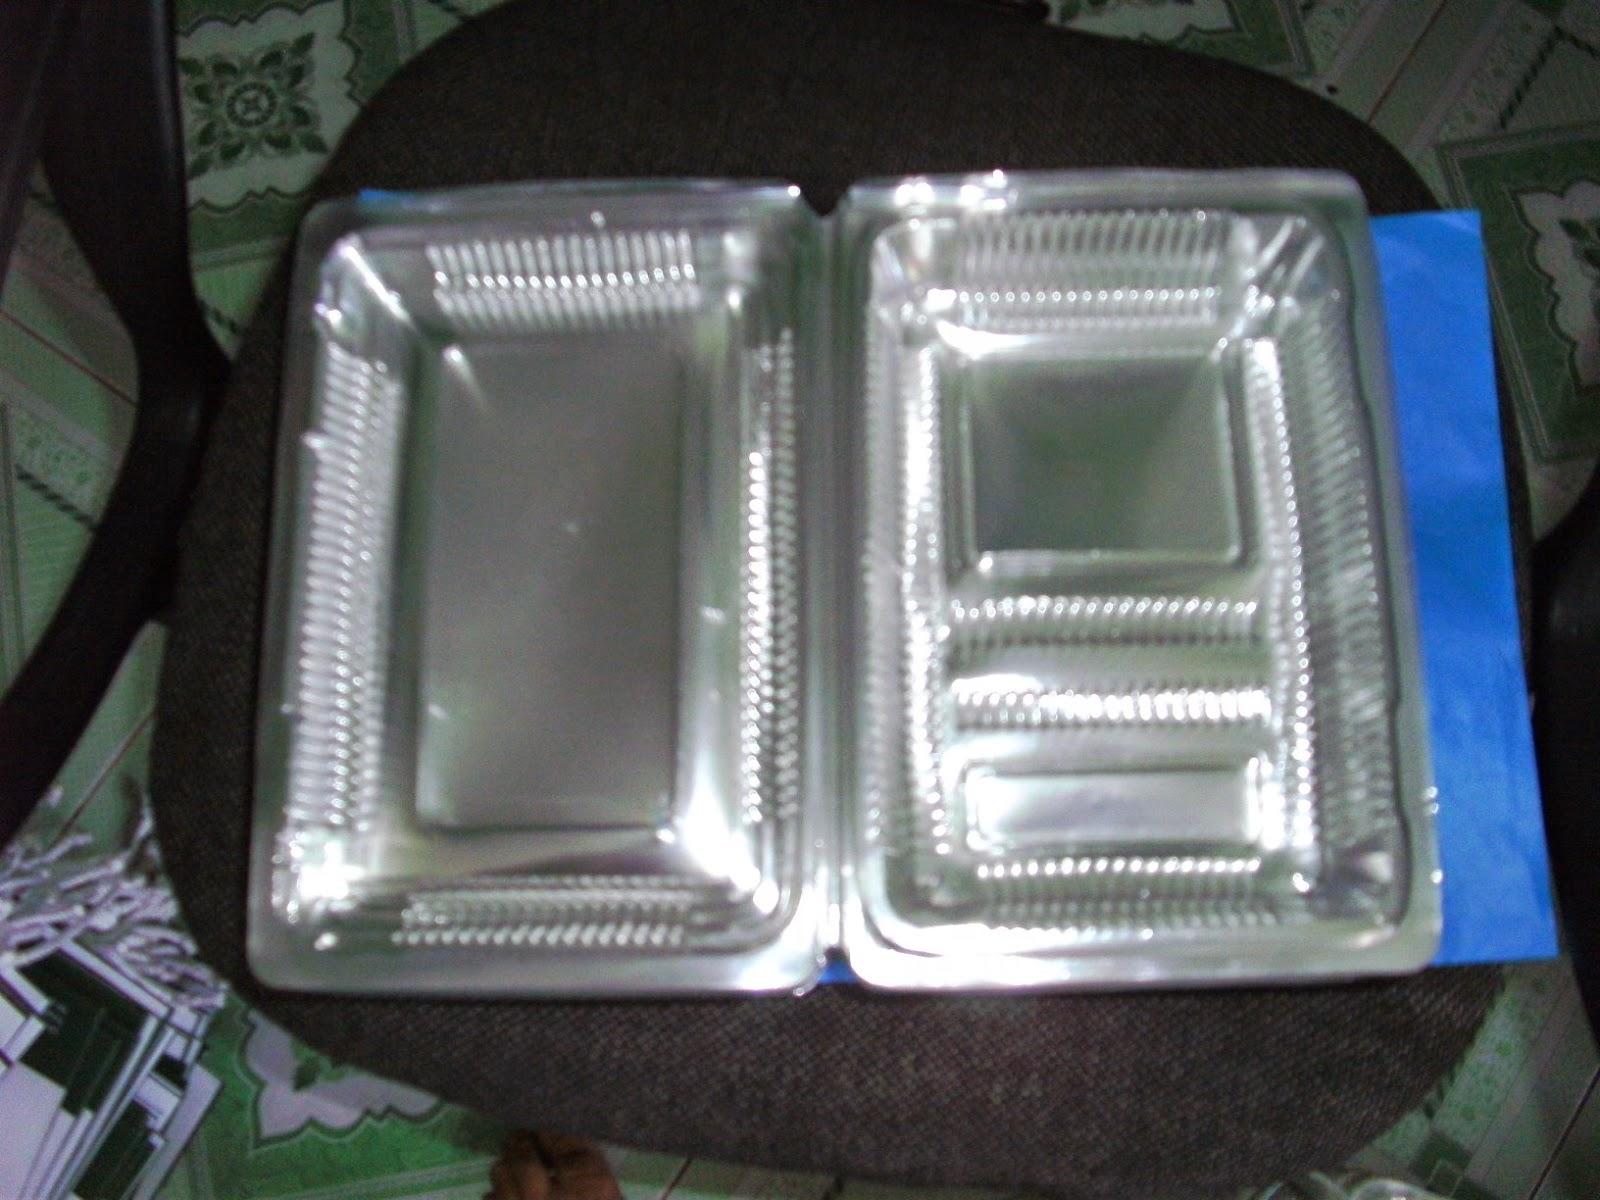 Khay nhựa đựng bánh đựng cơm đủ hình dáng và kích thước